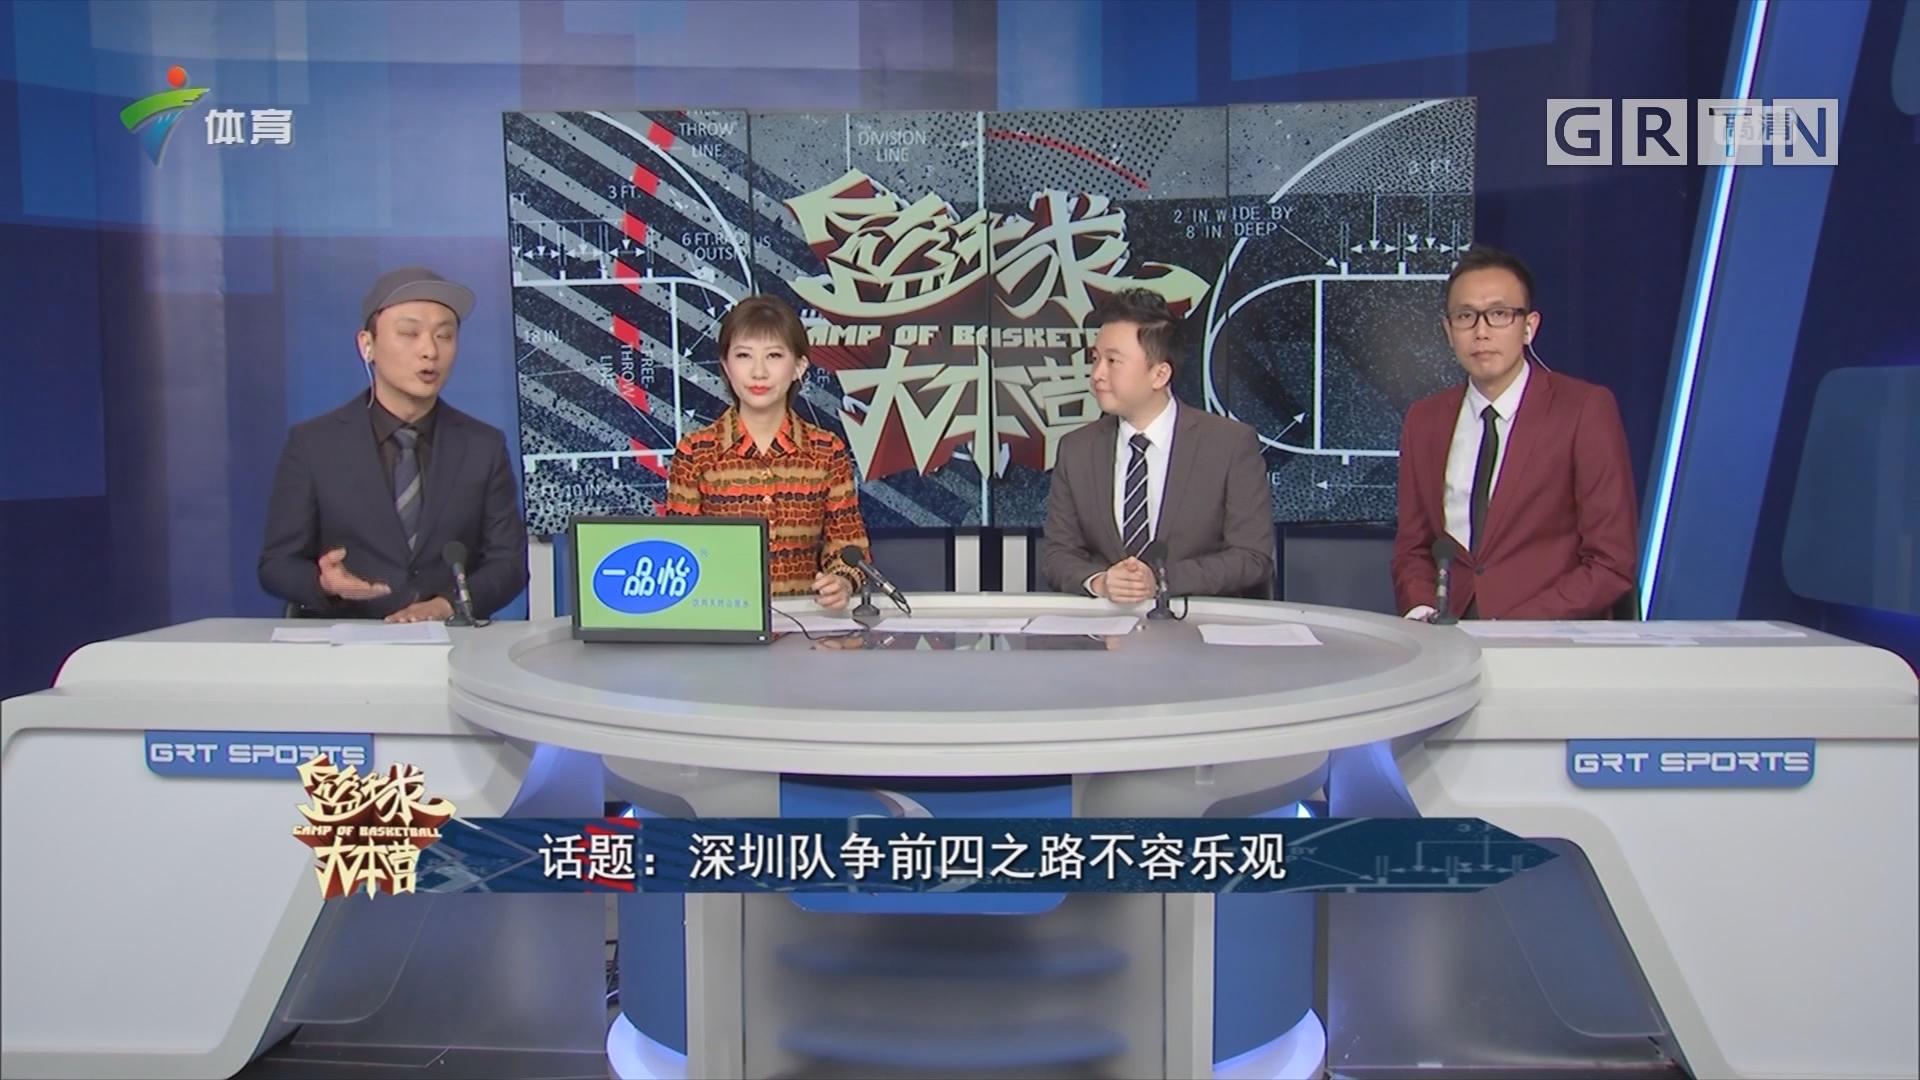 话题:深圳队争前四之路不容乐观